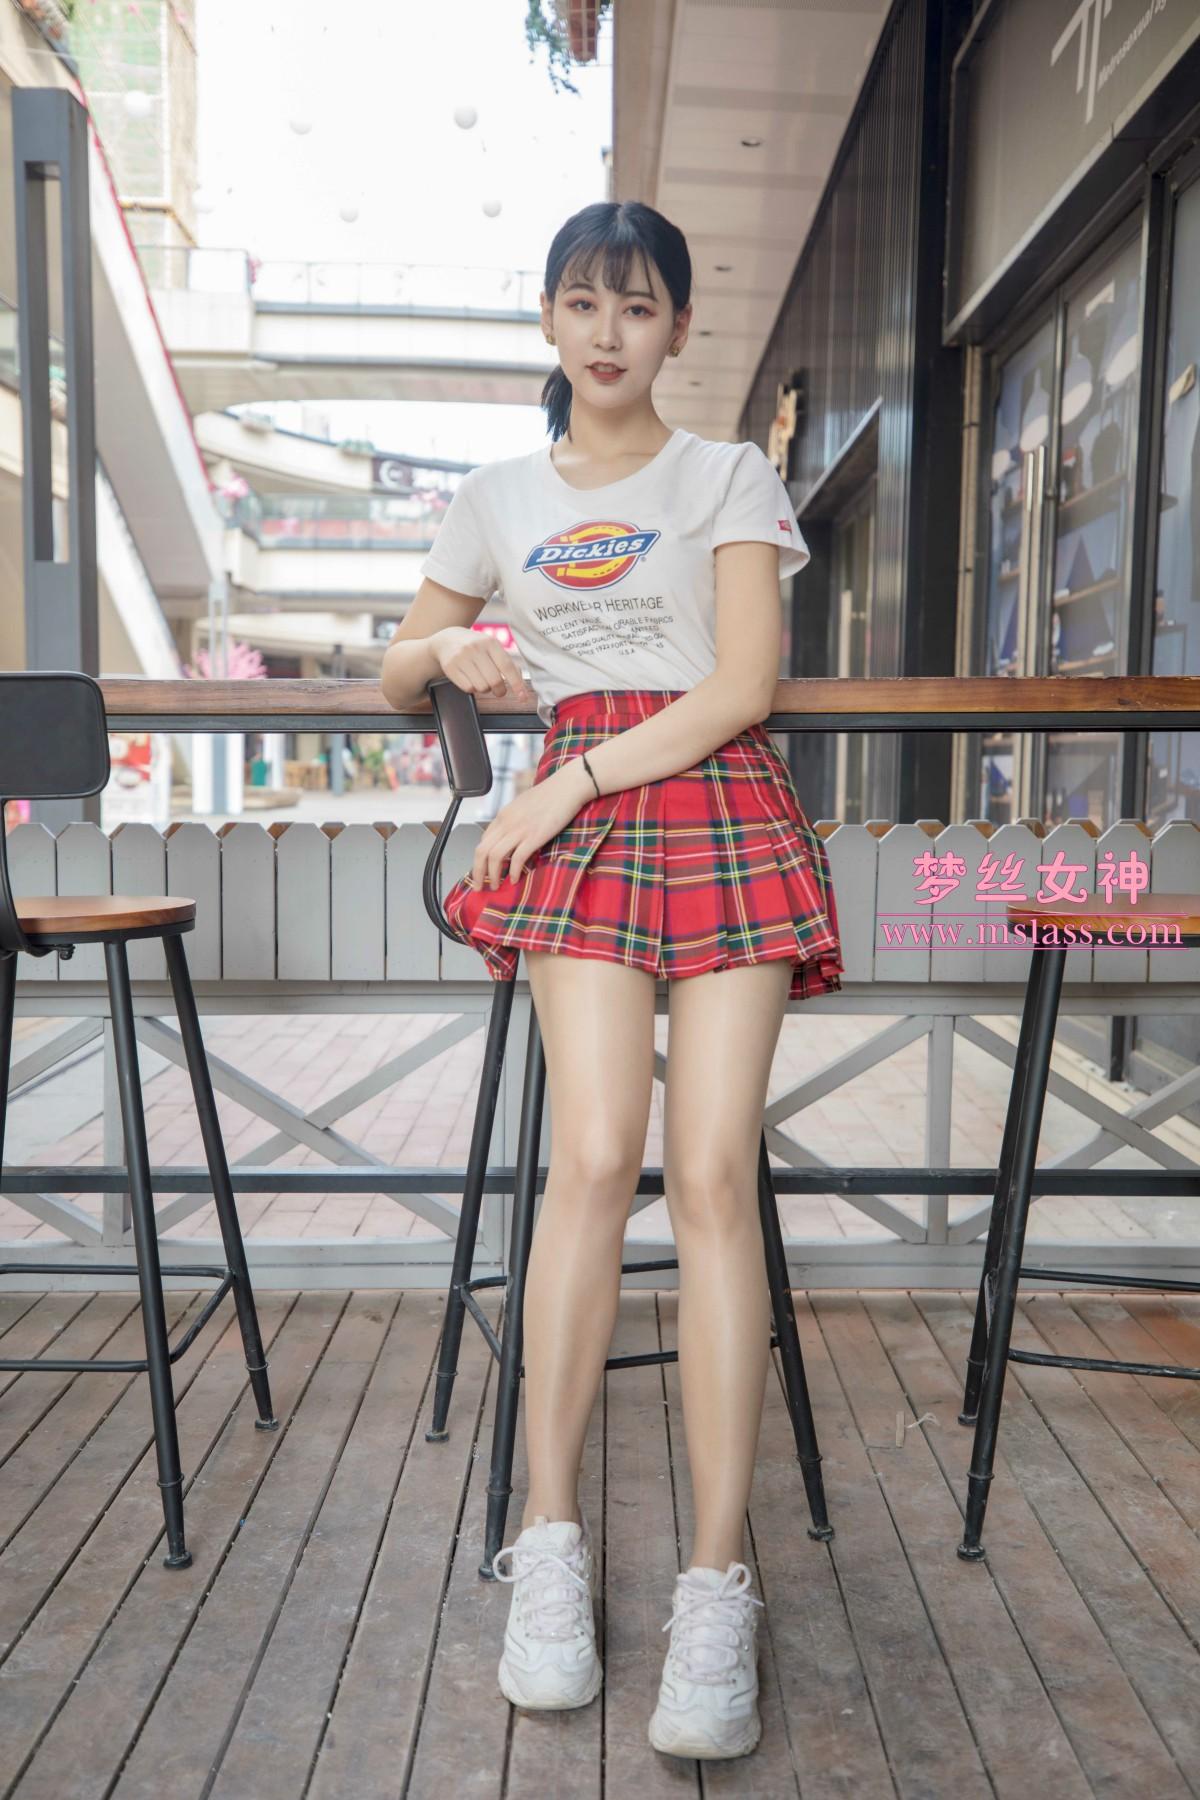 梦丝女神 可岚 油光丝袜[73P] 梦丝女神 第4张